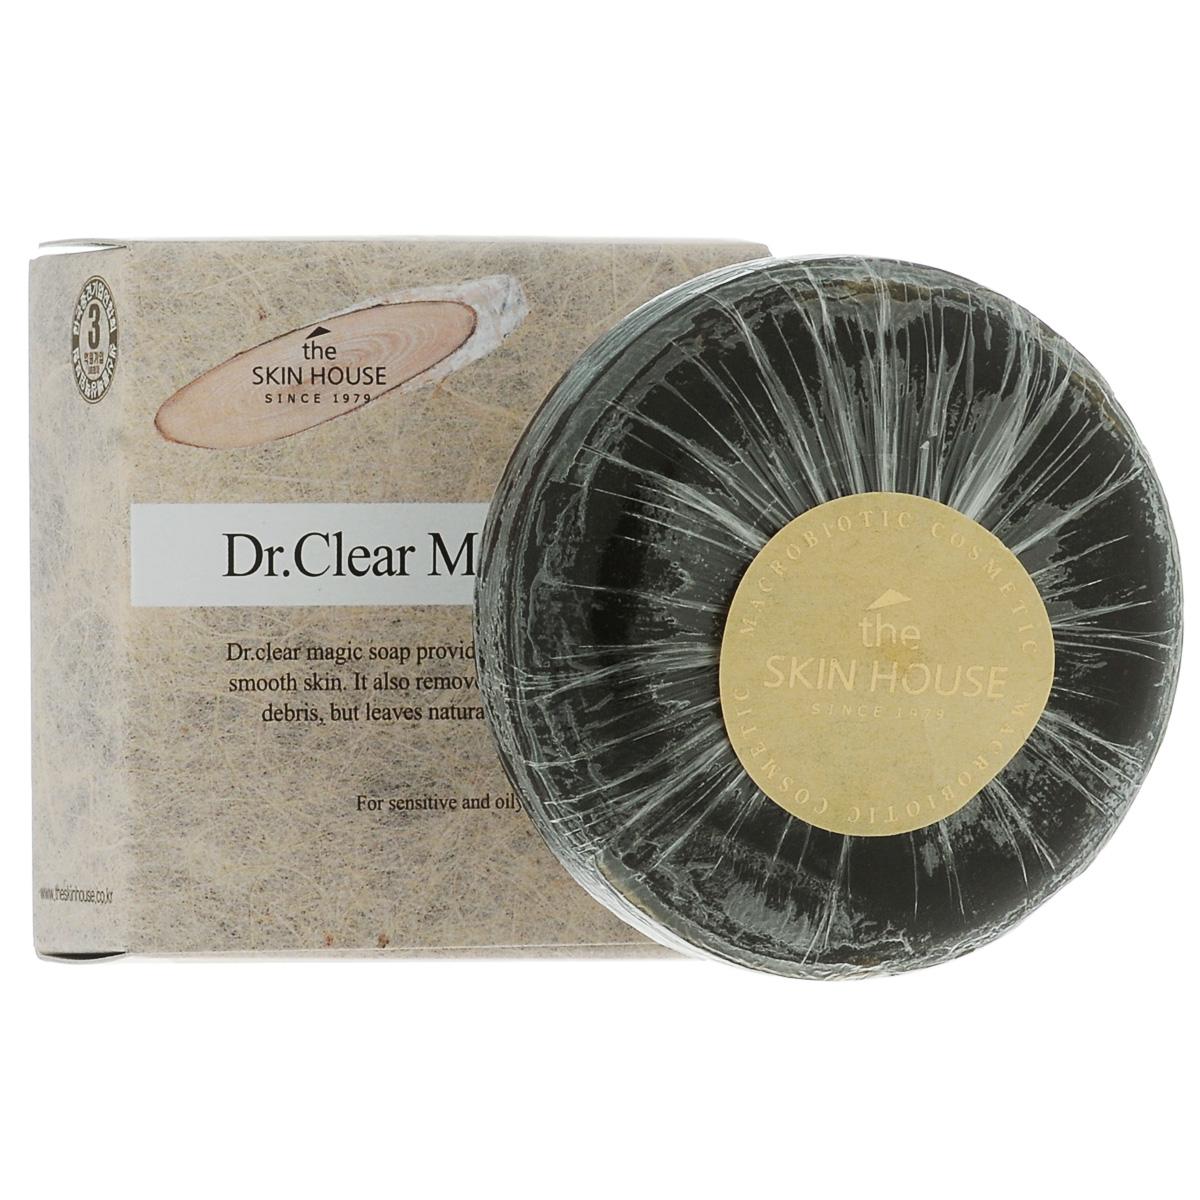 The Skin House Мыло от воспалений DR. Clear magic, 100 гУТ000001244Очищающее мыло для лица Dr.Clear создано для бережного ухода за проблемной чувствительной кожей. Мягкая пена эффективно удаляет загрязнения, стимулирует кровообращение и не раздражает кожу. Средство регулирует кожный баланс, оптимизируя и не нарушая его во время умывания. Для наилучшего эффекта используйте мыло 2 раза в день: утром и вечером.